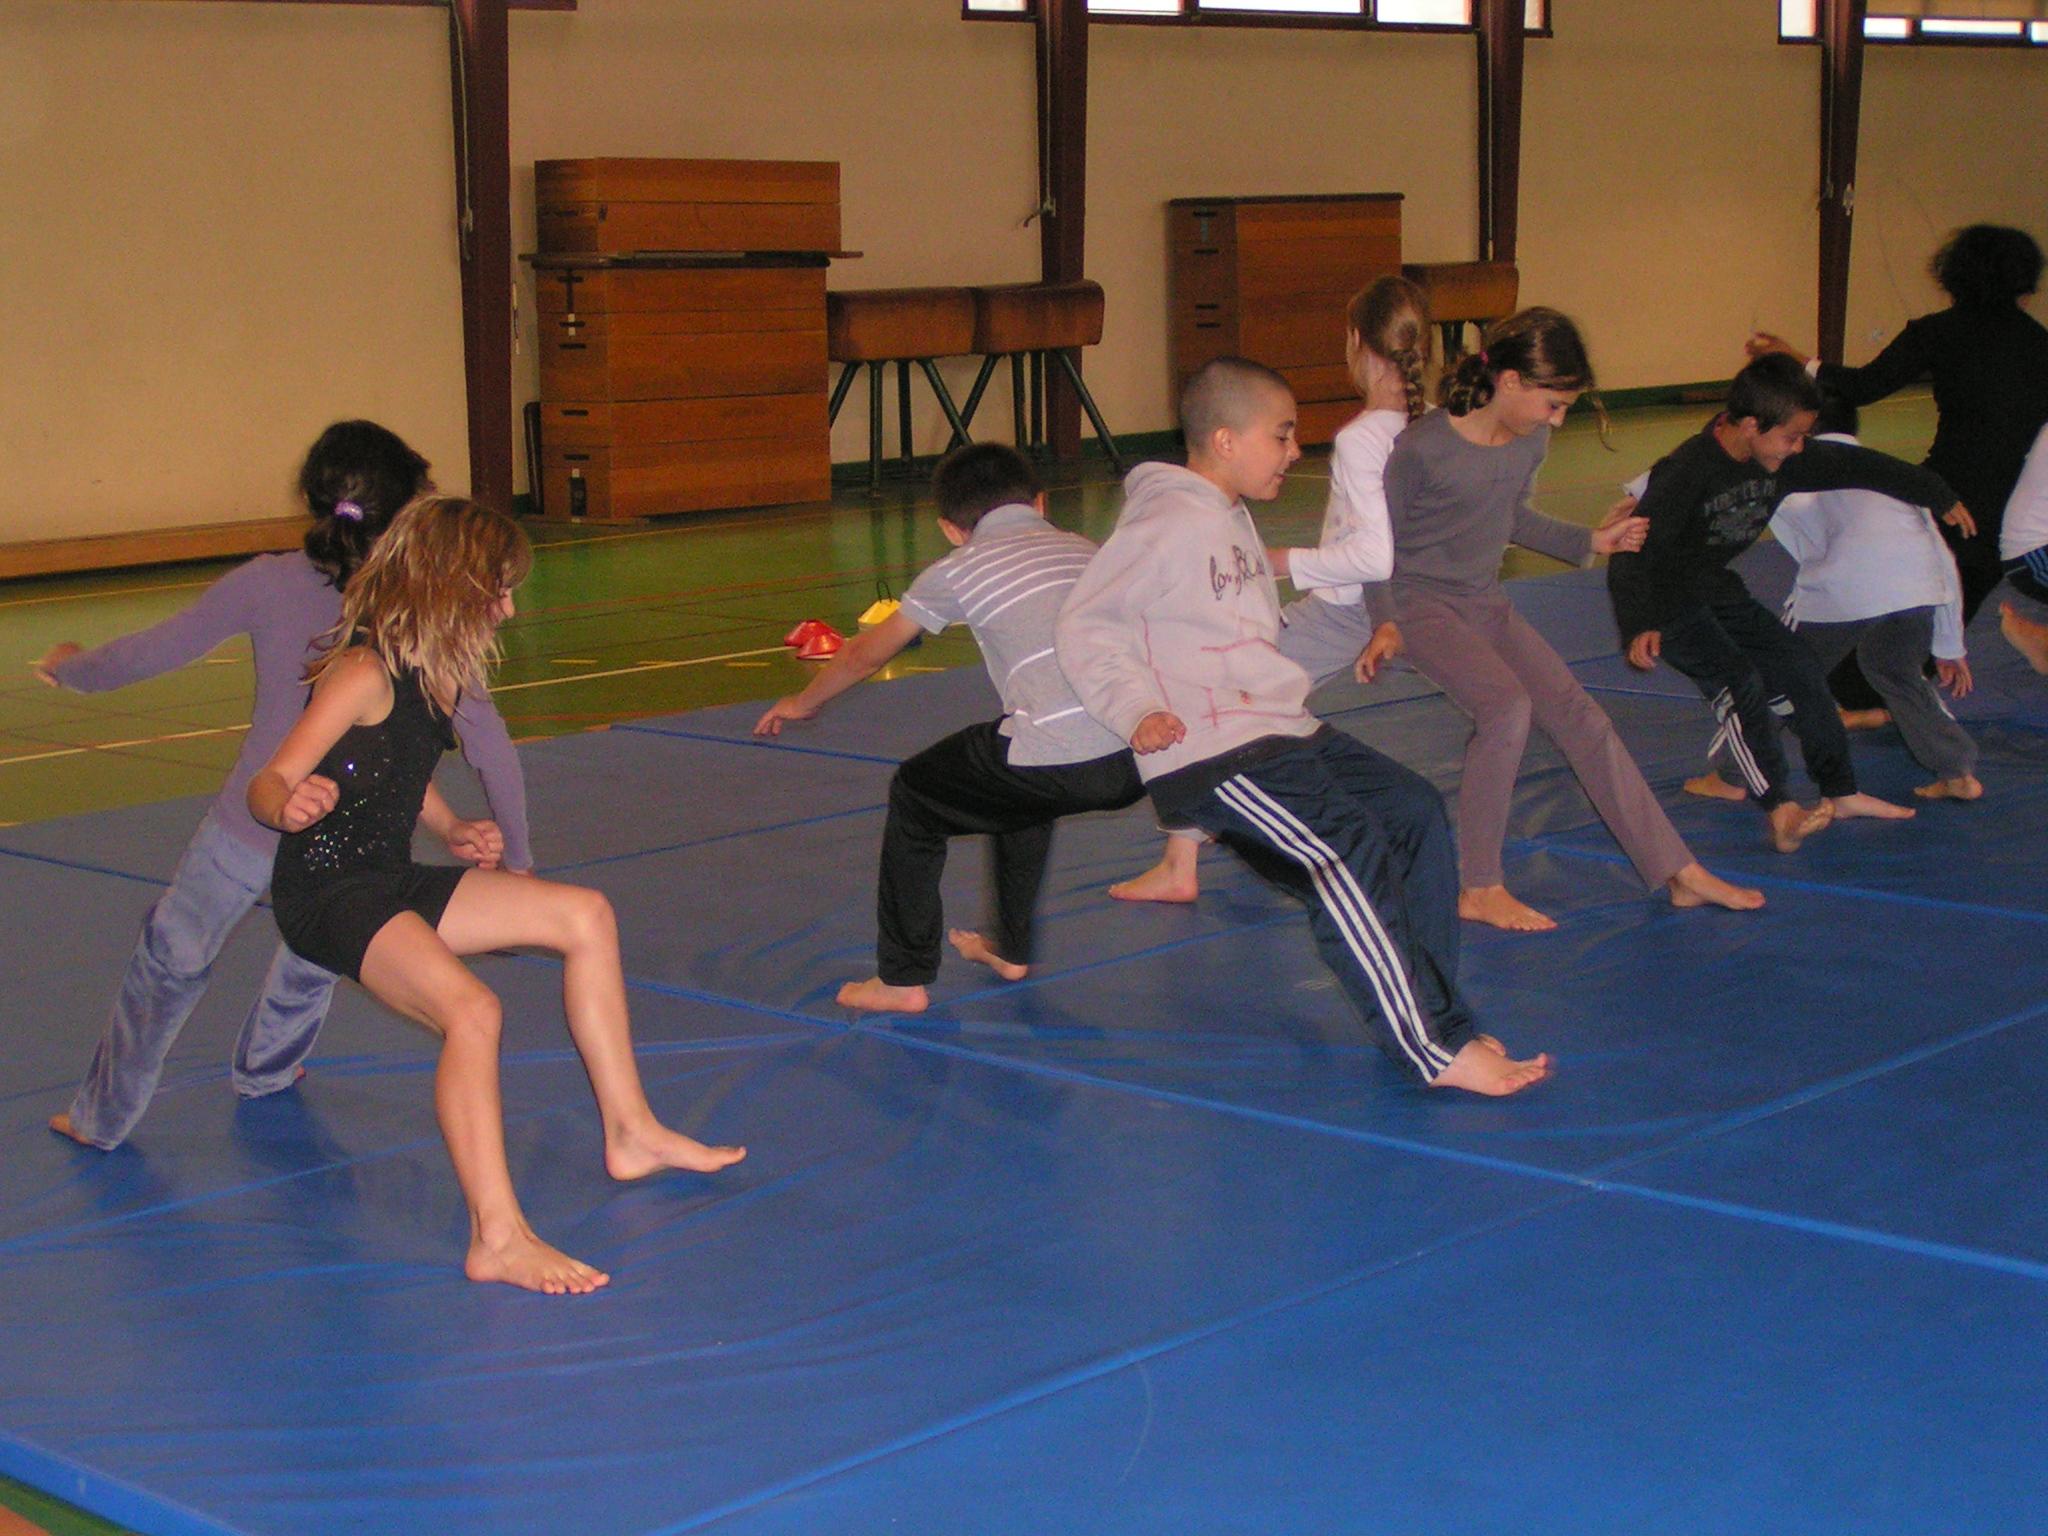 Souvent Jeux d'opposition - Ecole primaire d'application Arago UC87